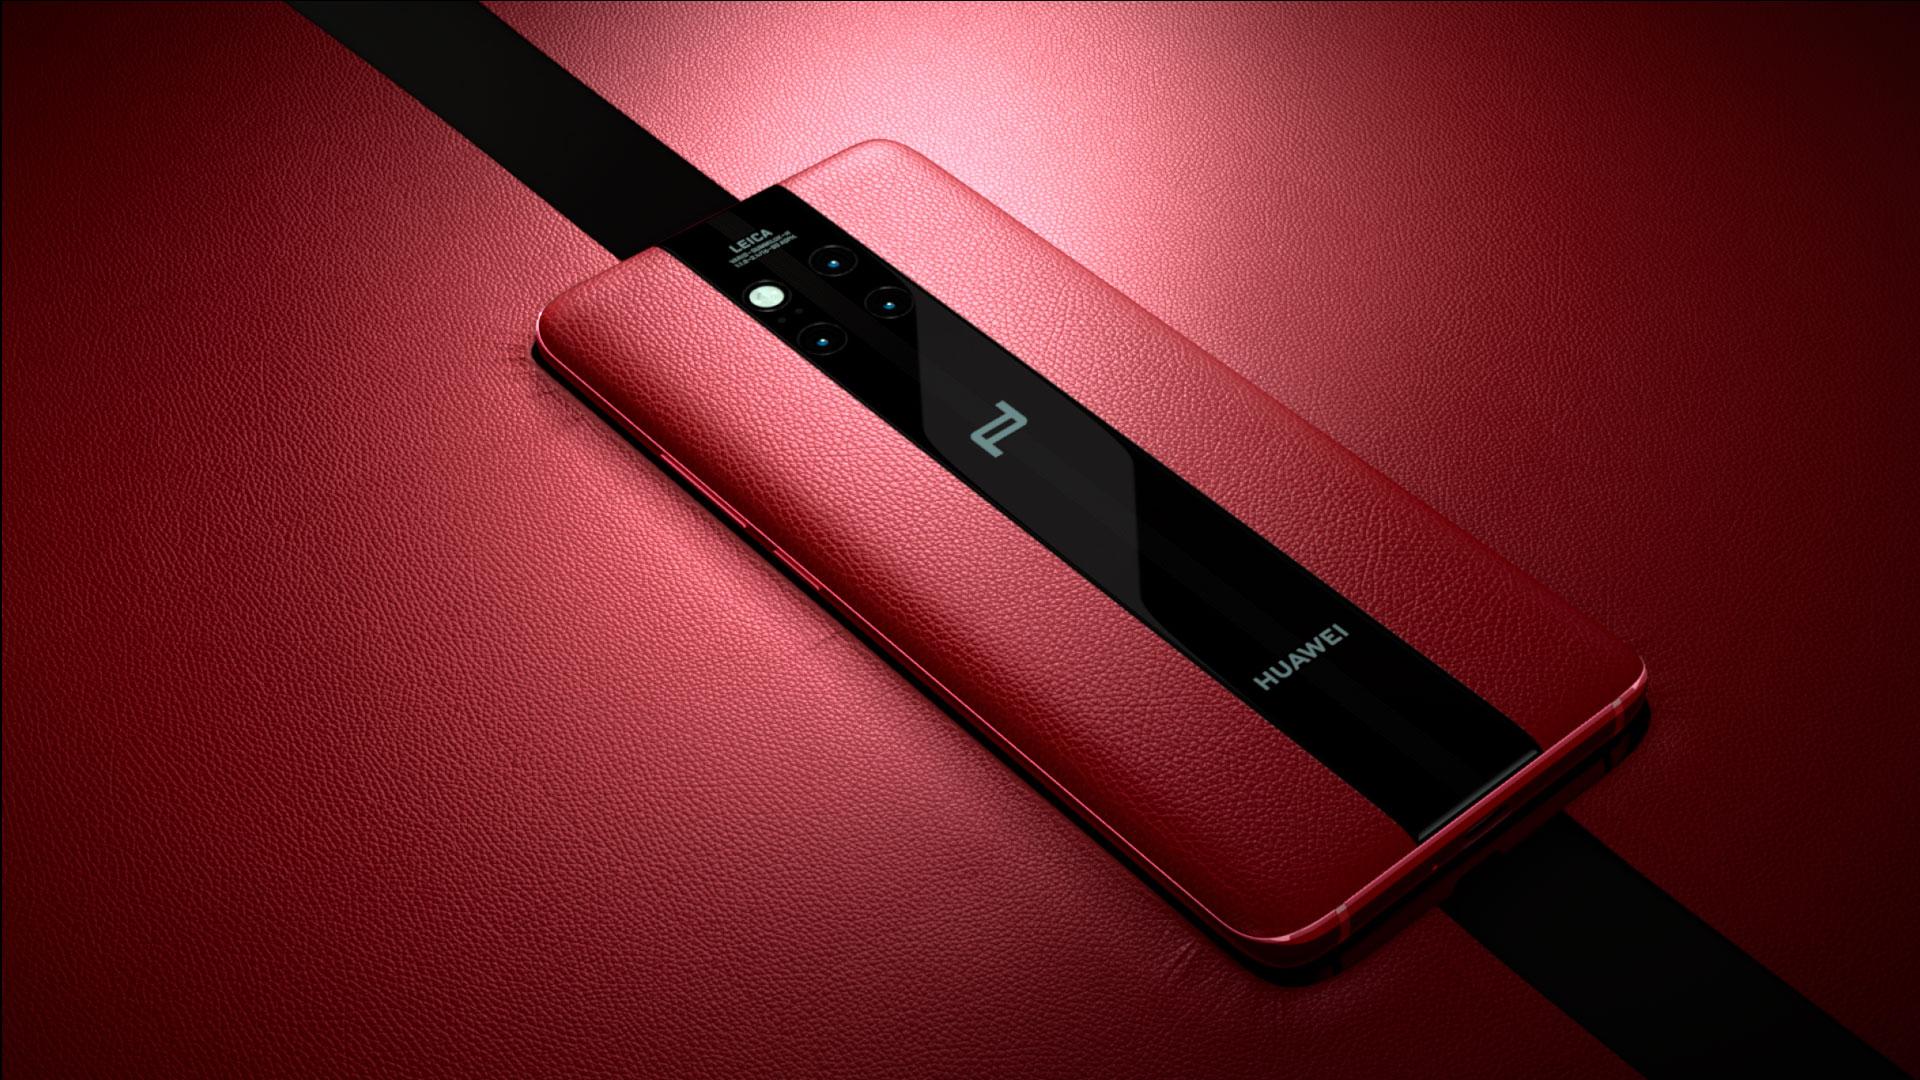 Huawei-Mate-20-RS-back-leather-bg.jpg